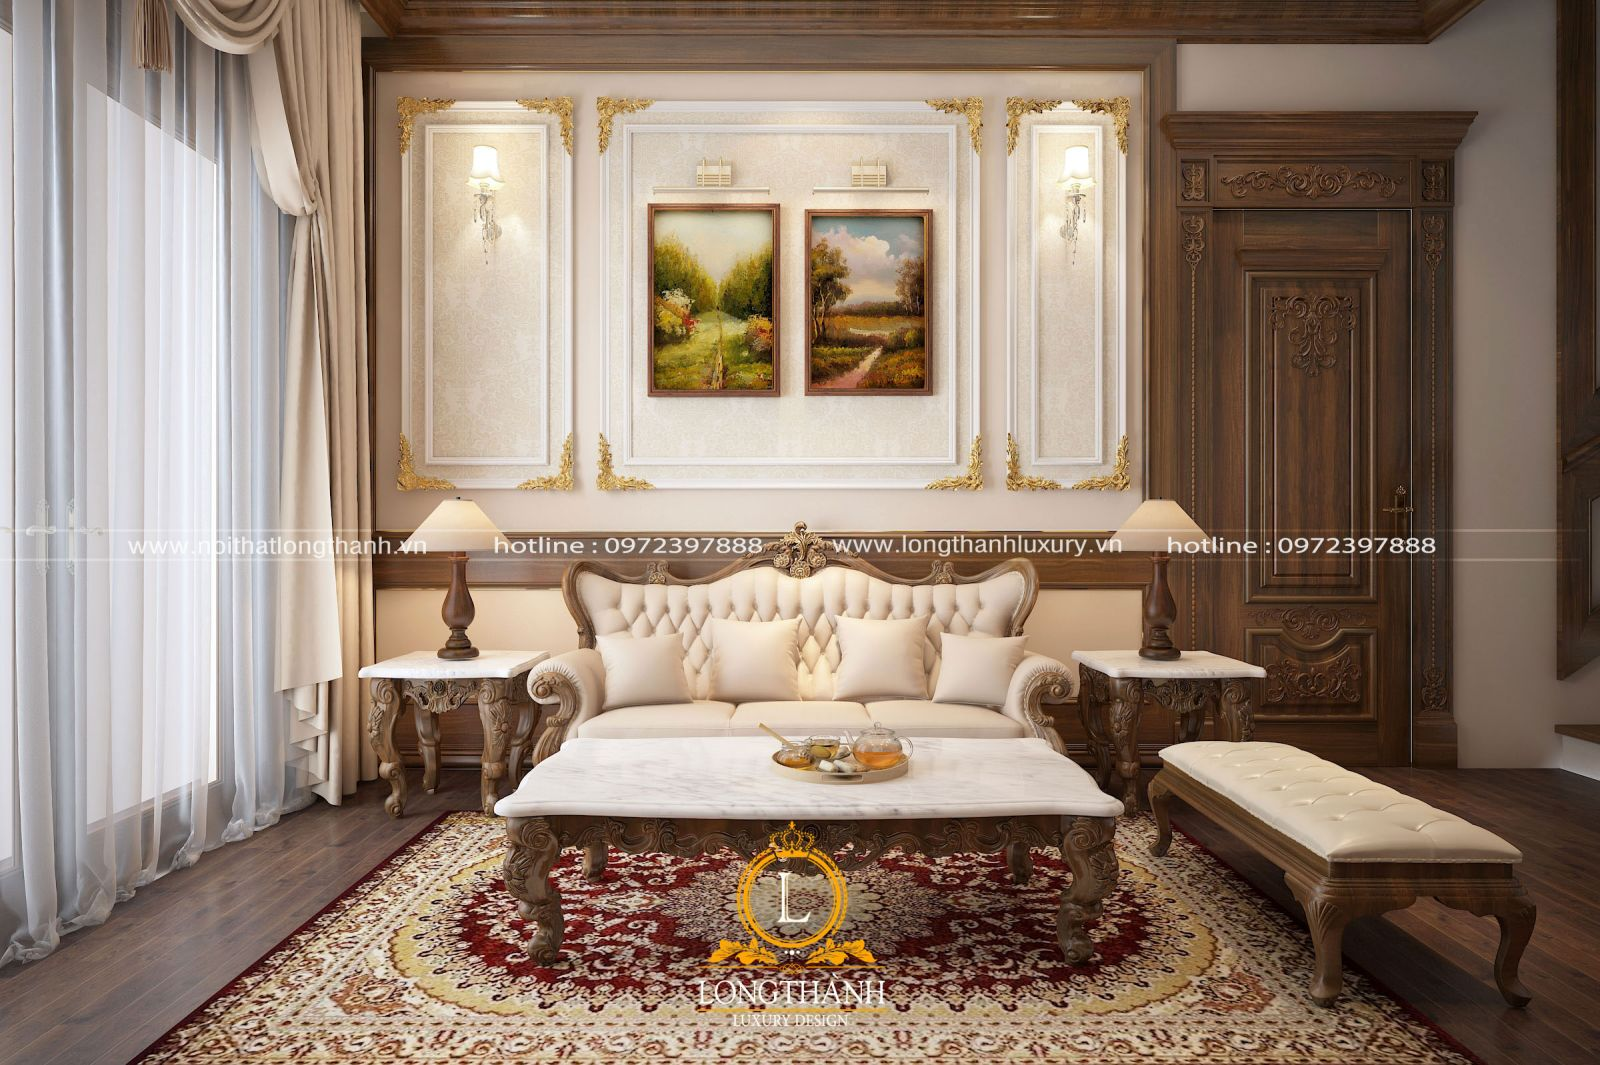 Ưu điểm vượt trội của sofa văng tân cổ điển có thể bạn chưa biết